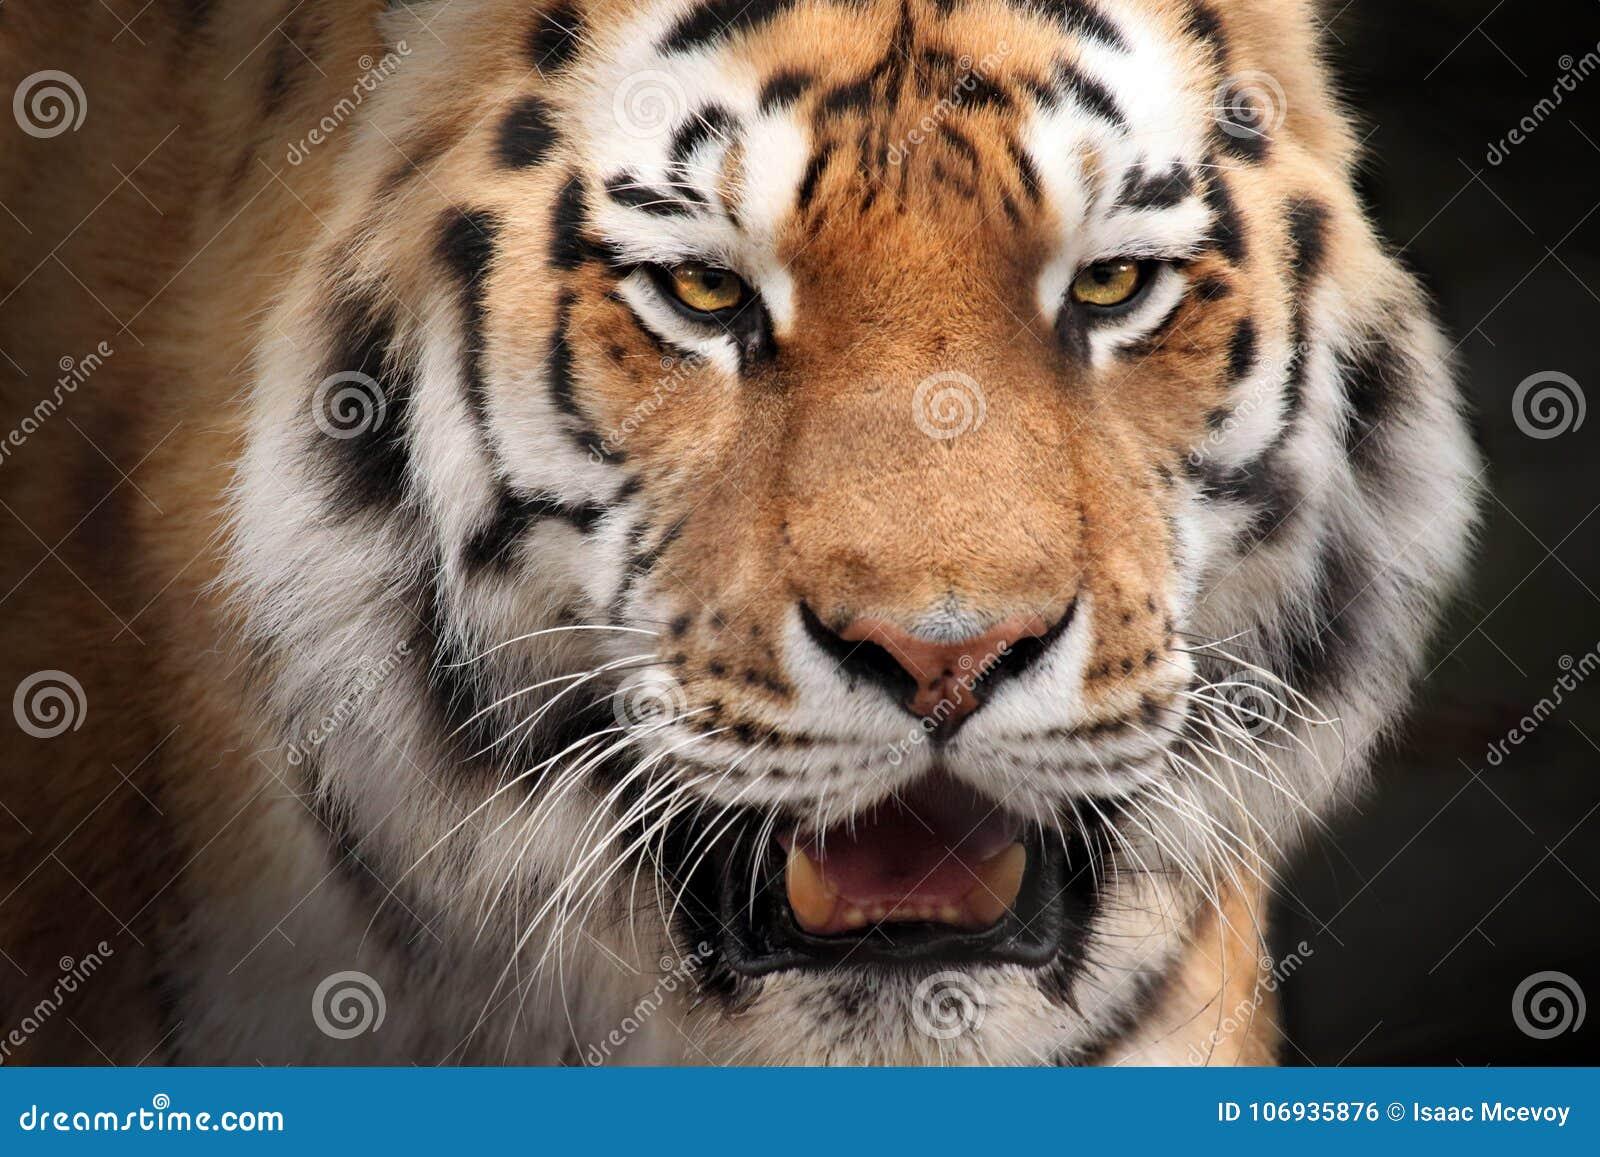 Stare des Mann tiger